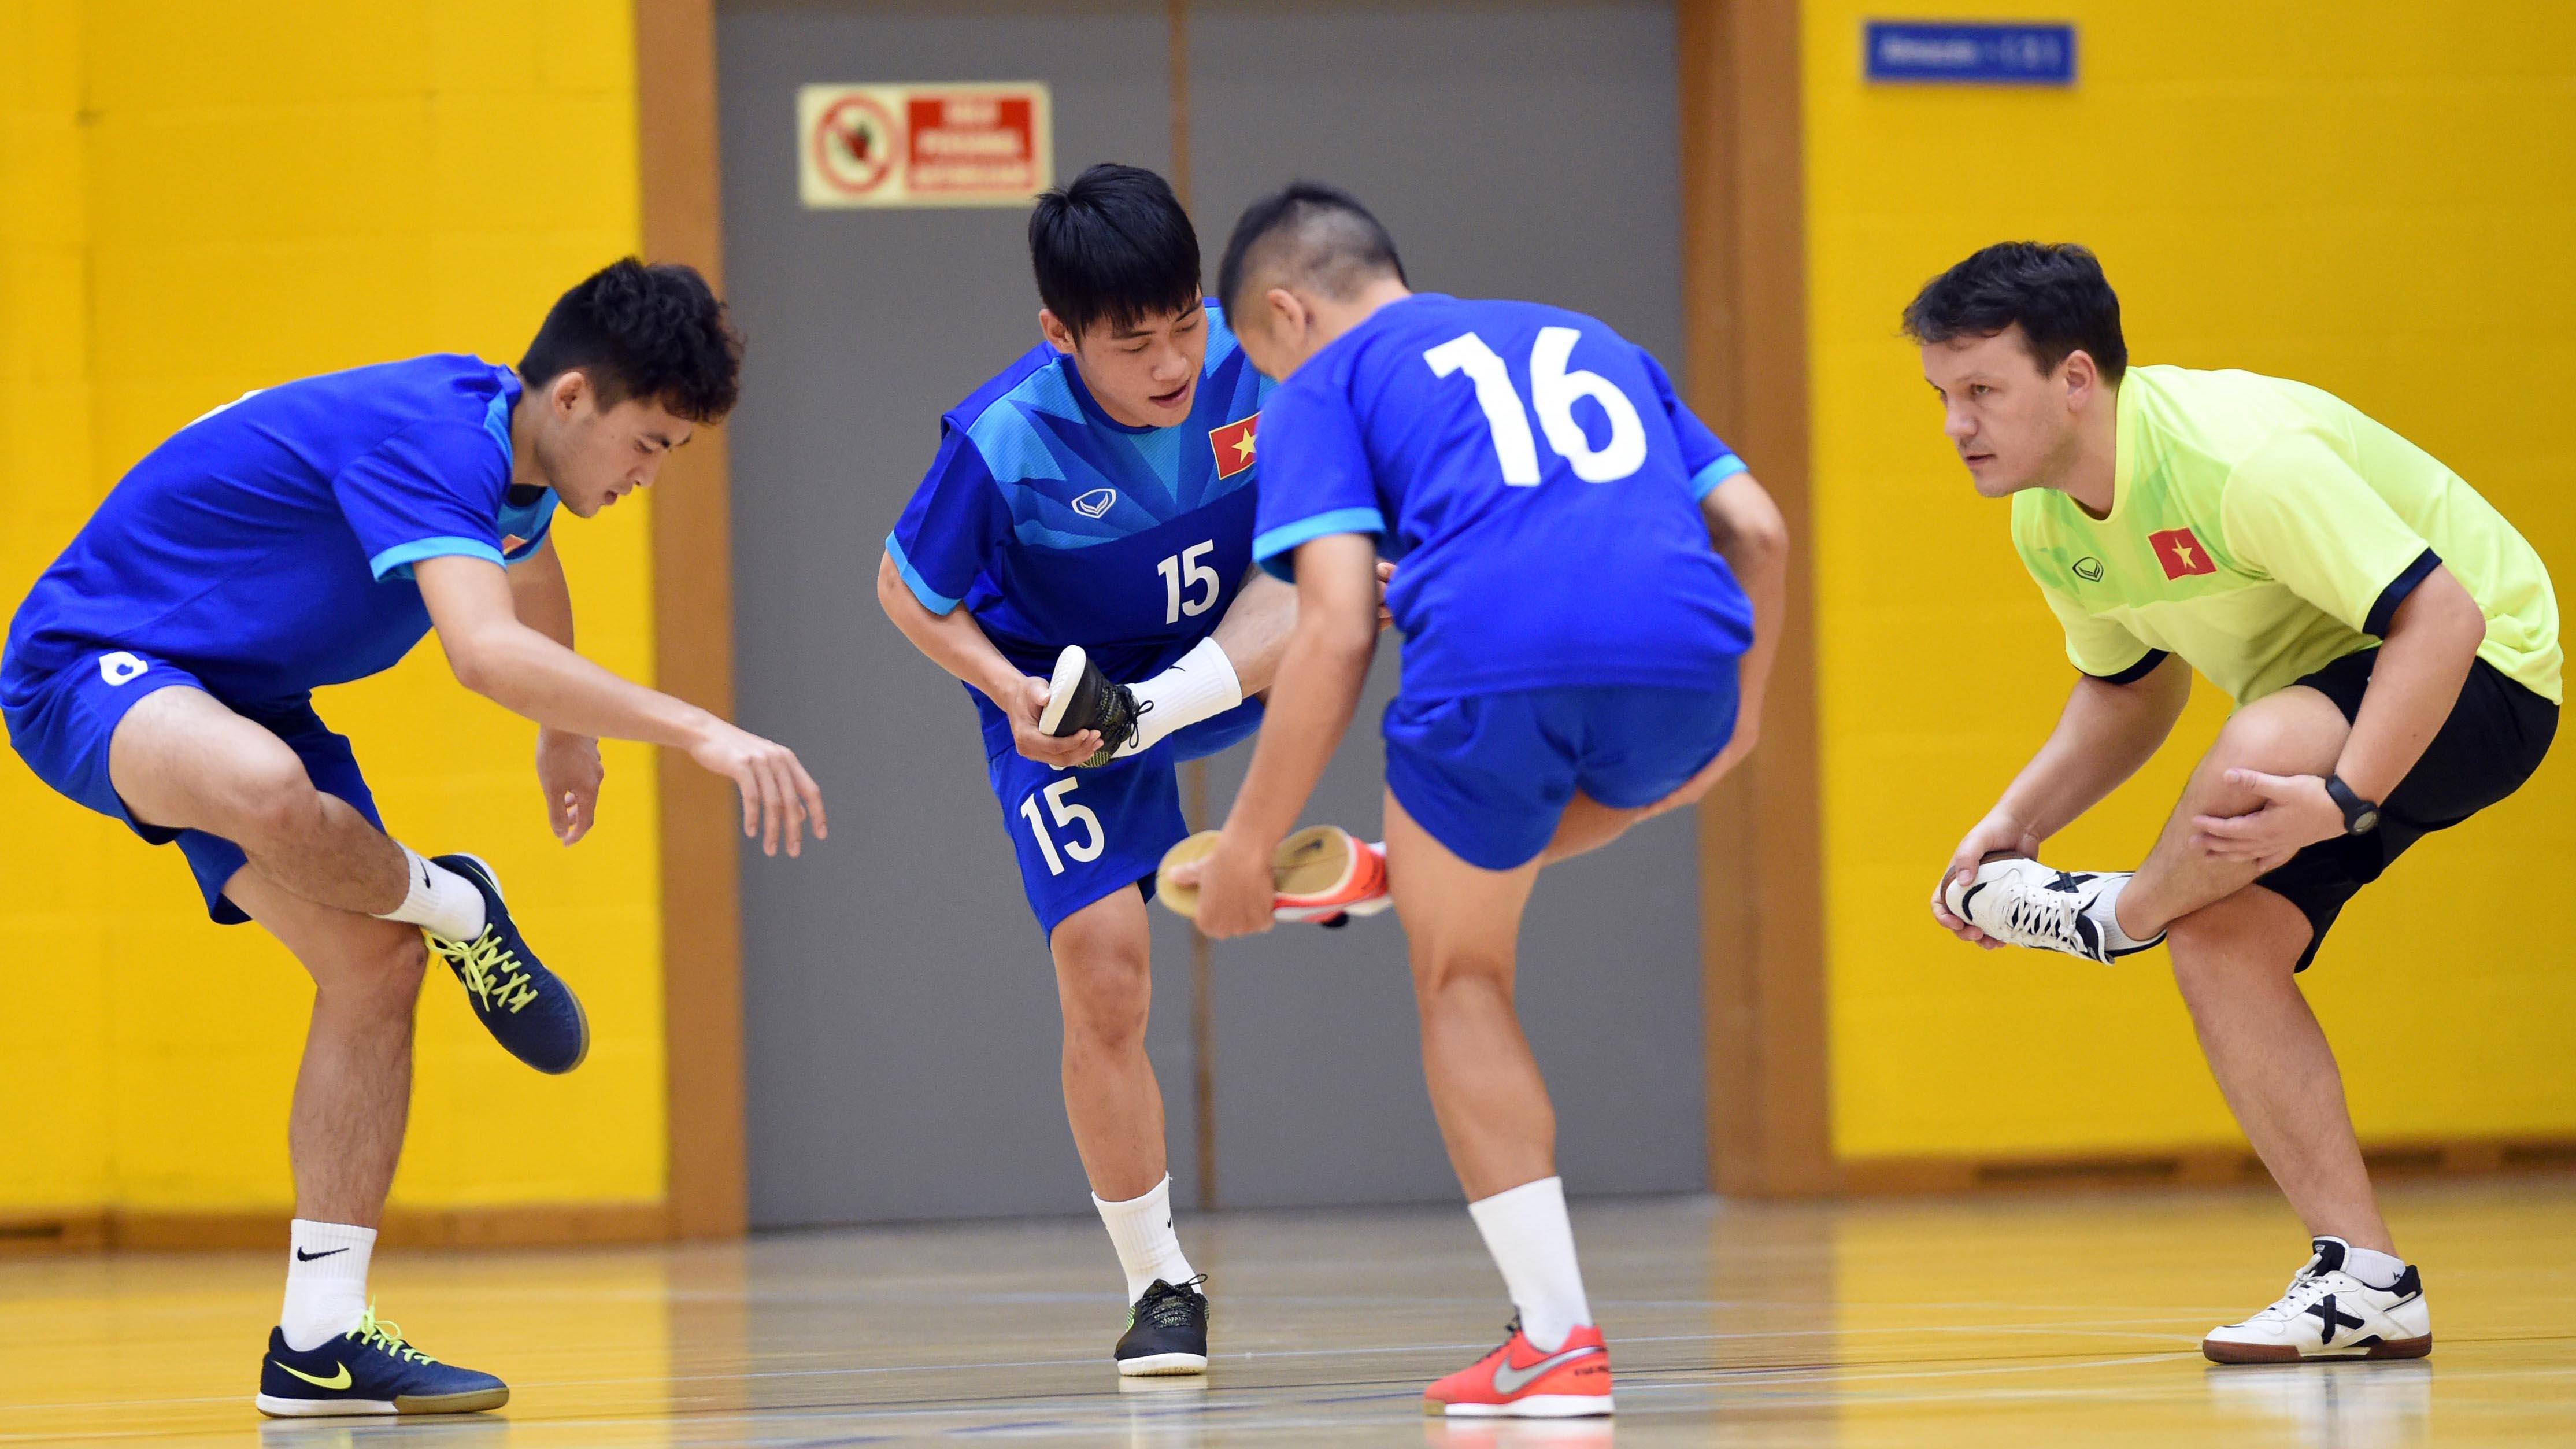 Đội tuyển futsal Việt Nam tích cực tập thể lực trên đất Tây Ban Nha